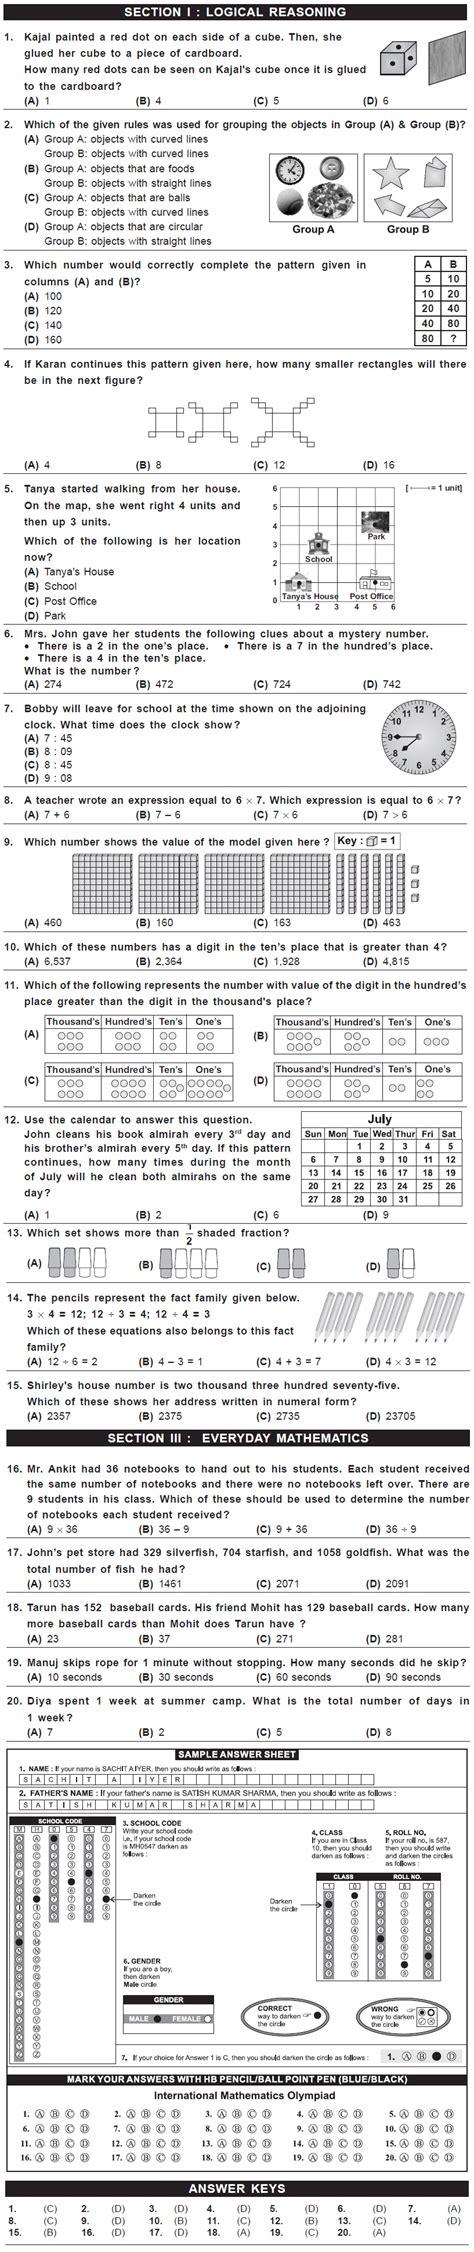 ssat sle essay fantastic maths practice papers images worksheet